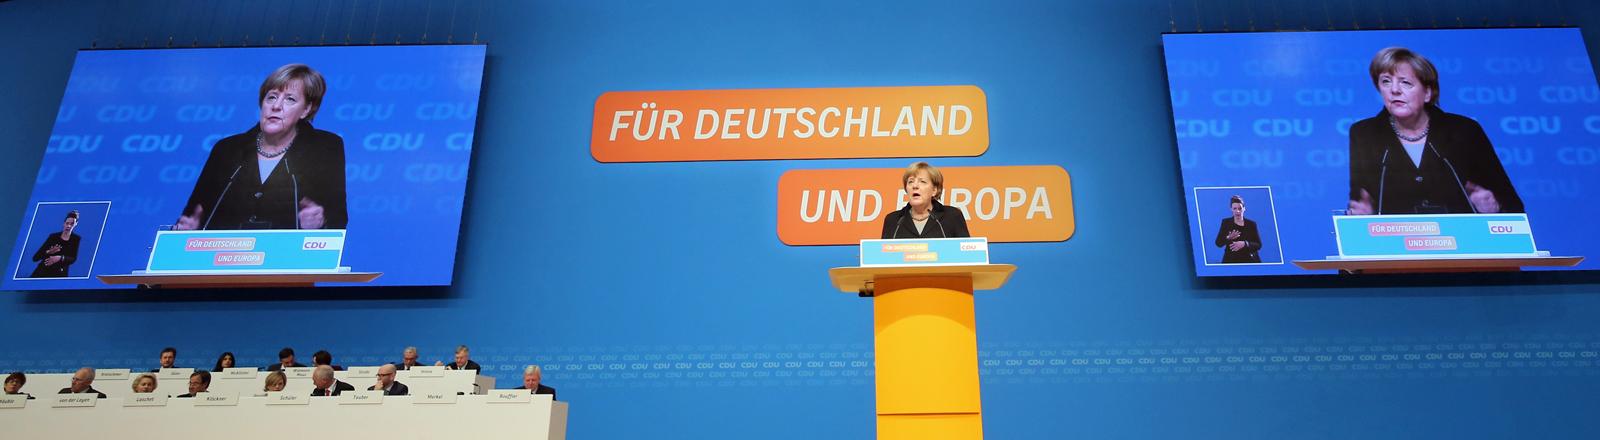 Die CDU-Bundesvorsitzende und Bundeskanzlerin Angela Merkel spricht am 14.12.2015 in Karlsruhe beim Bundesparteitag zu den Delegierten.